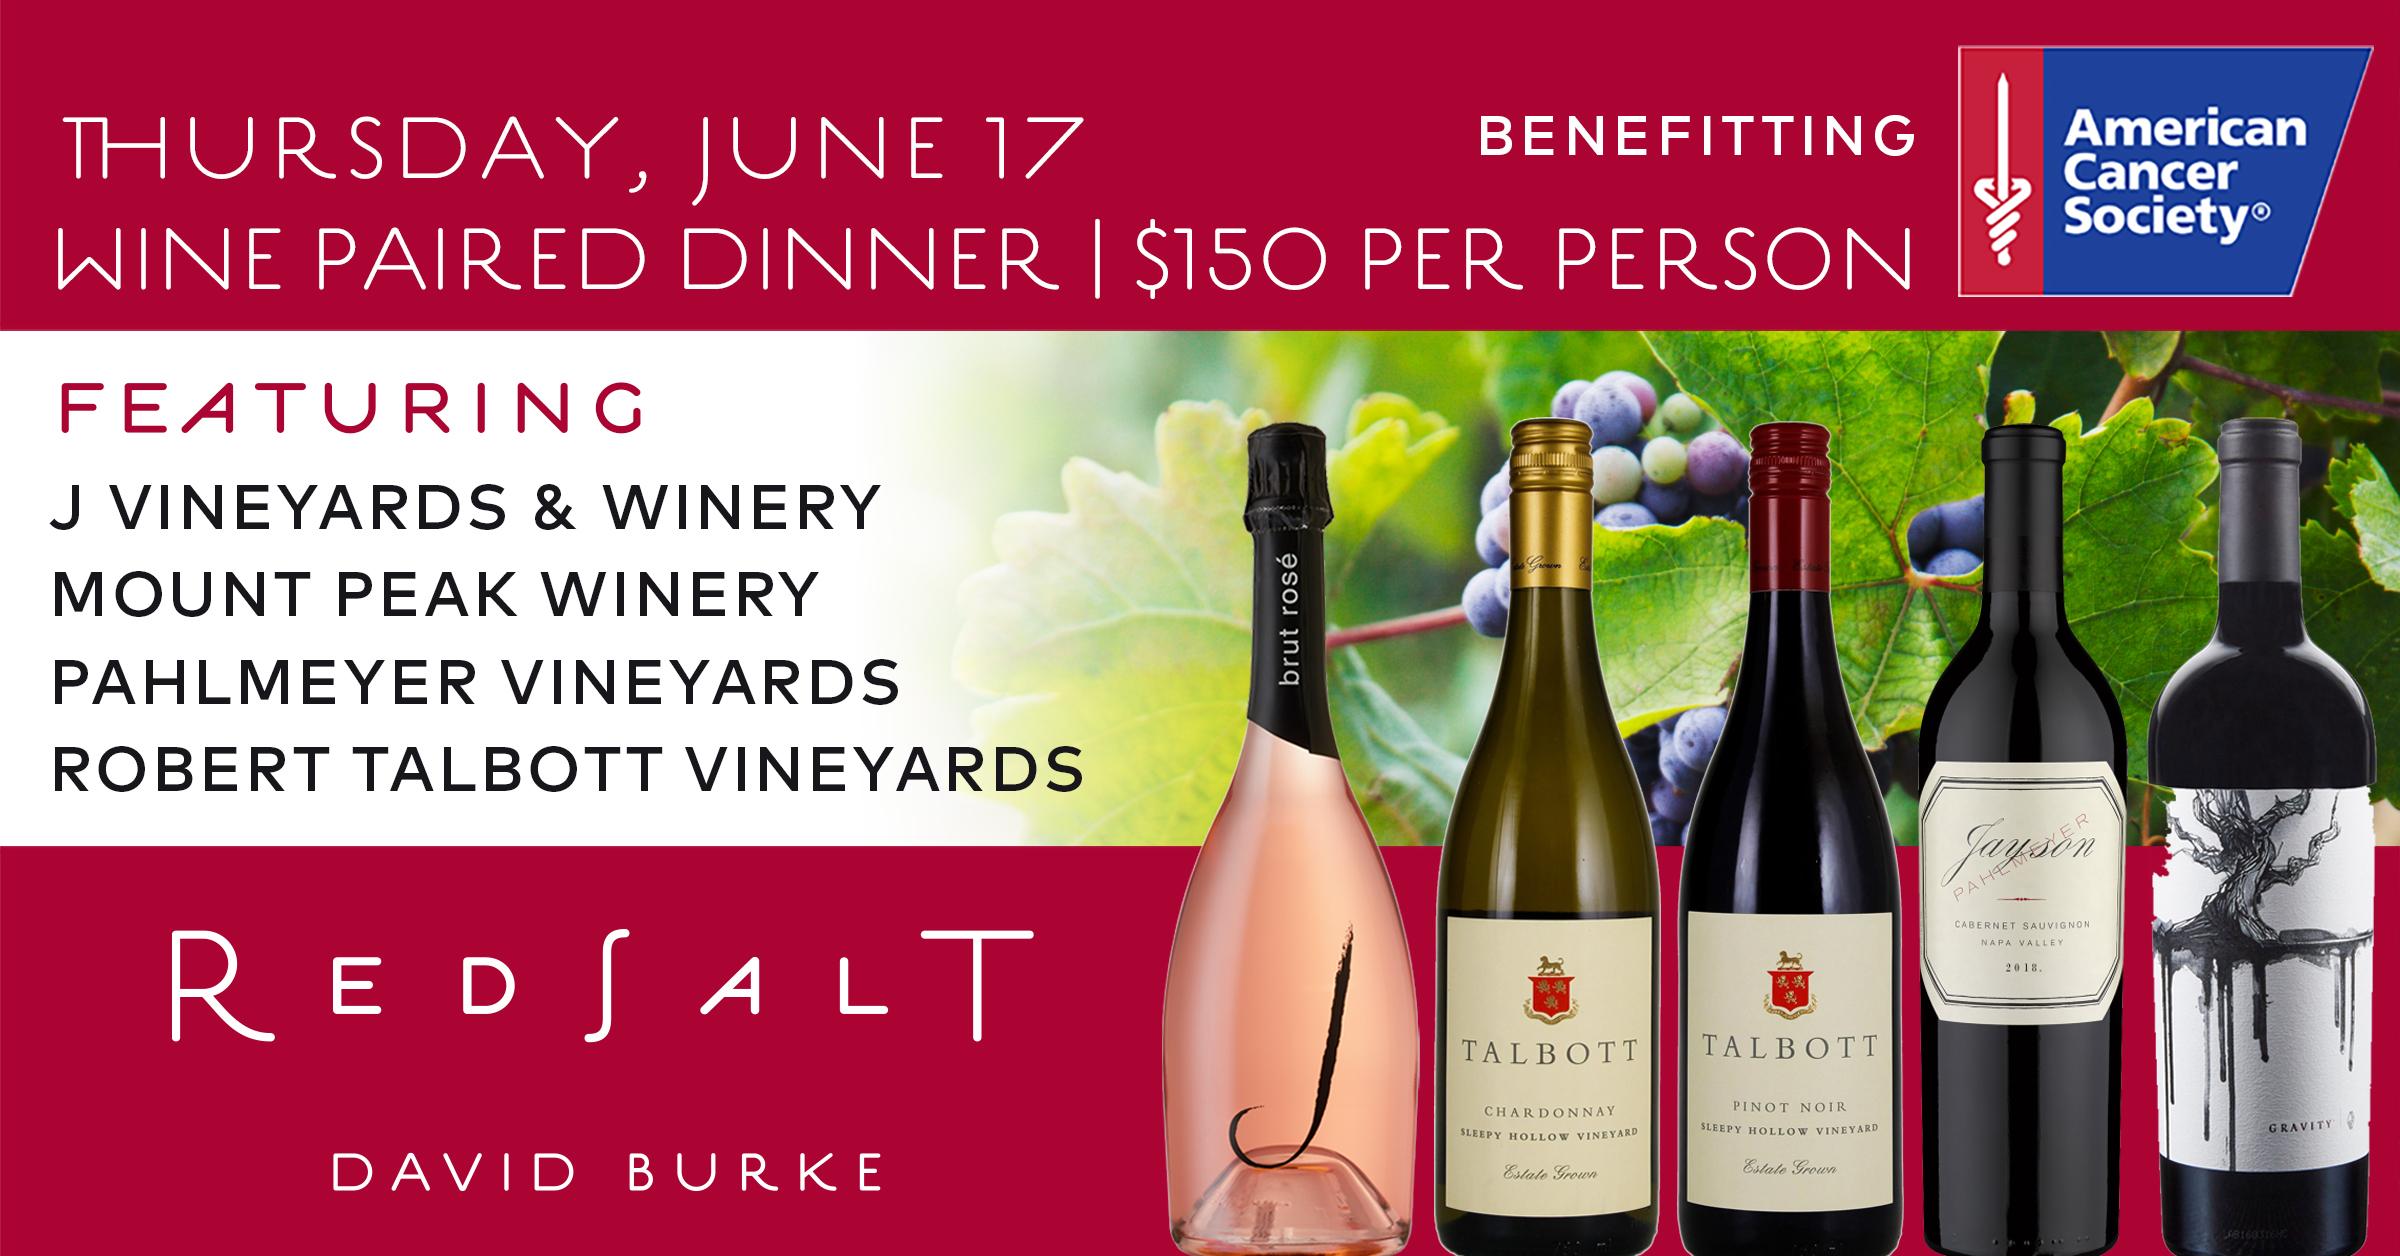 ACS Wine Paired Dinner June